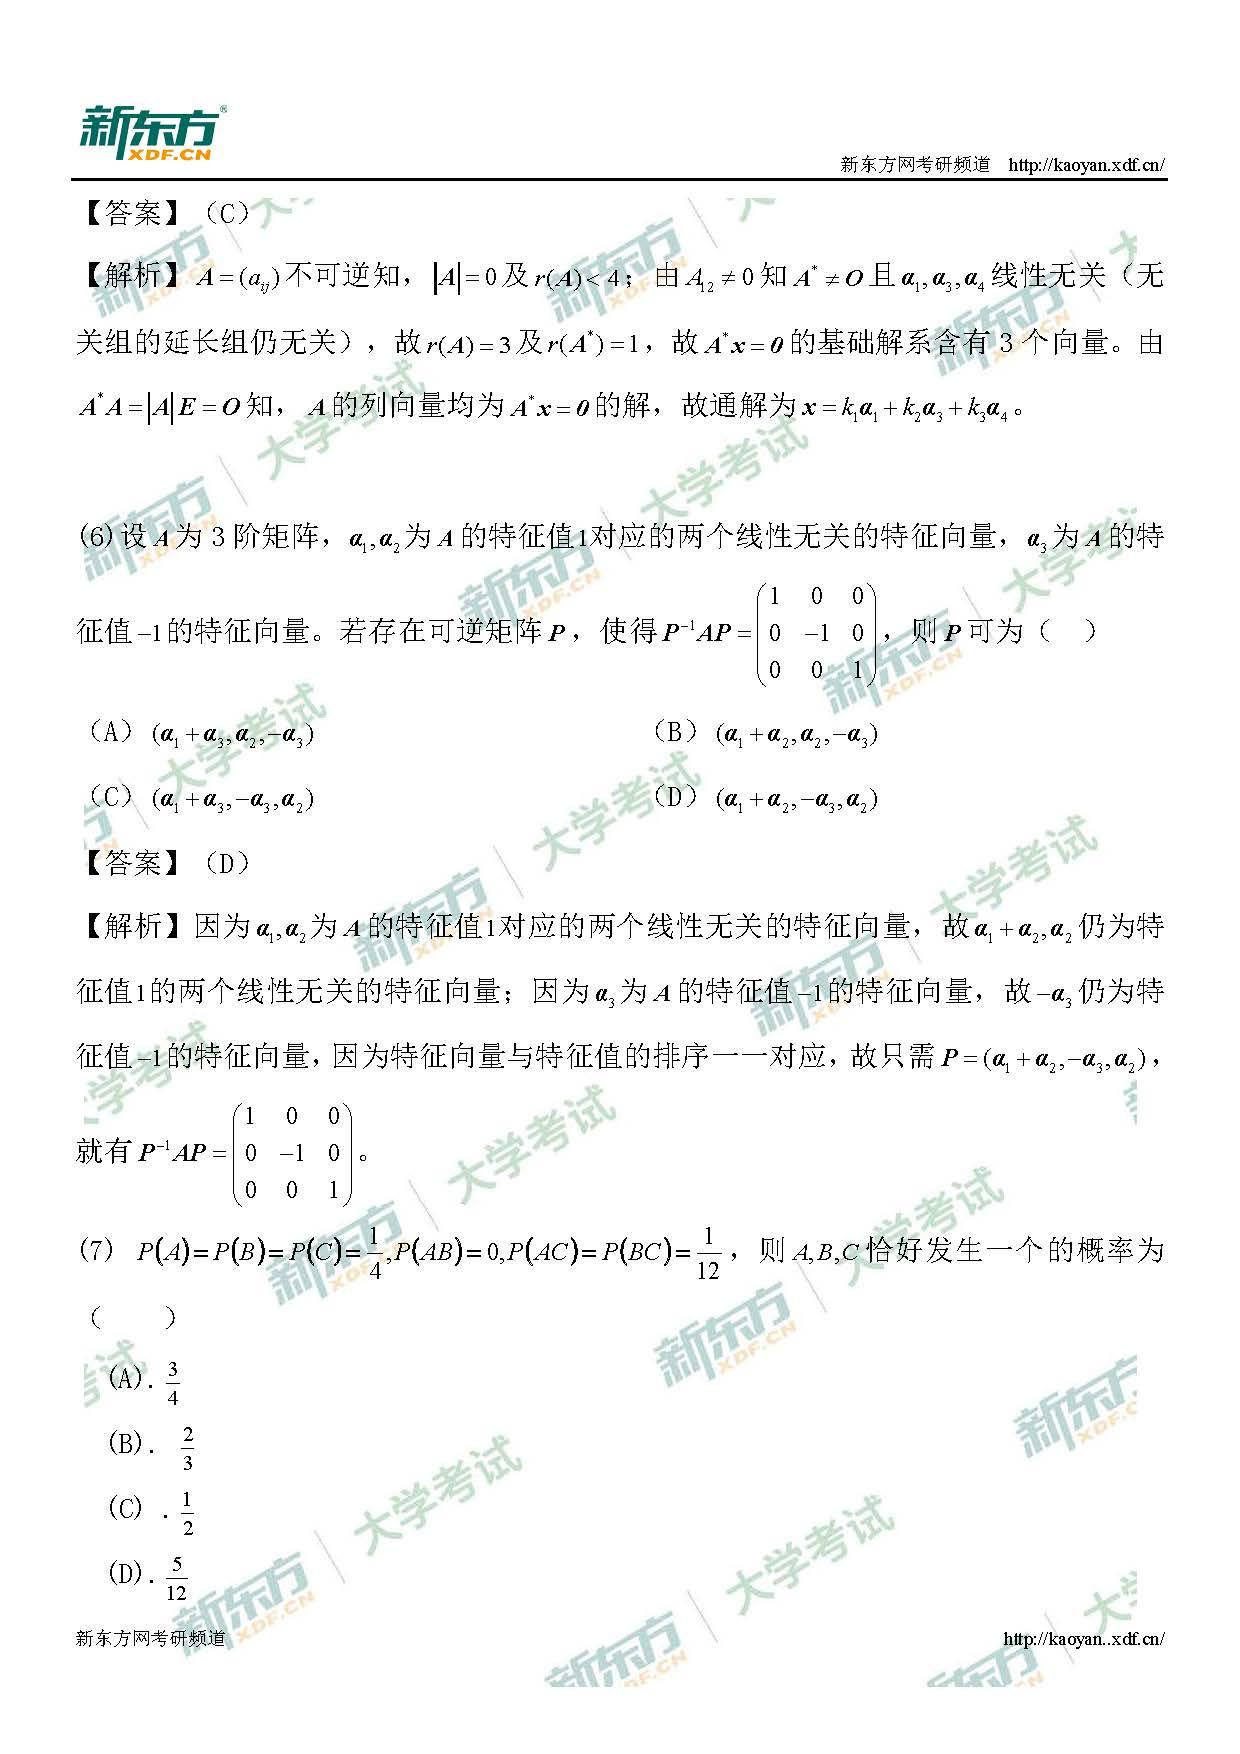 2020年考研数学三真题及答案解析(新东方版)